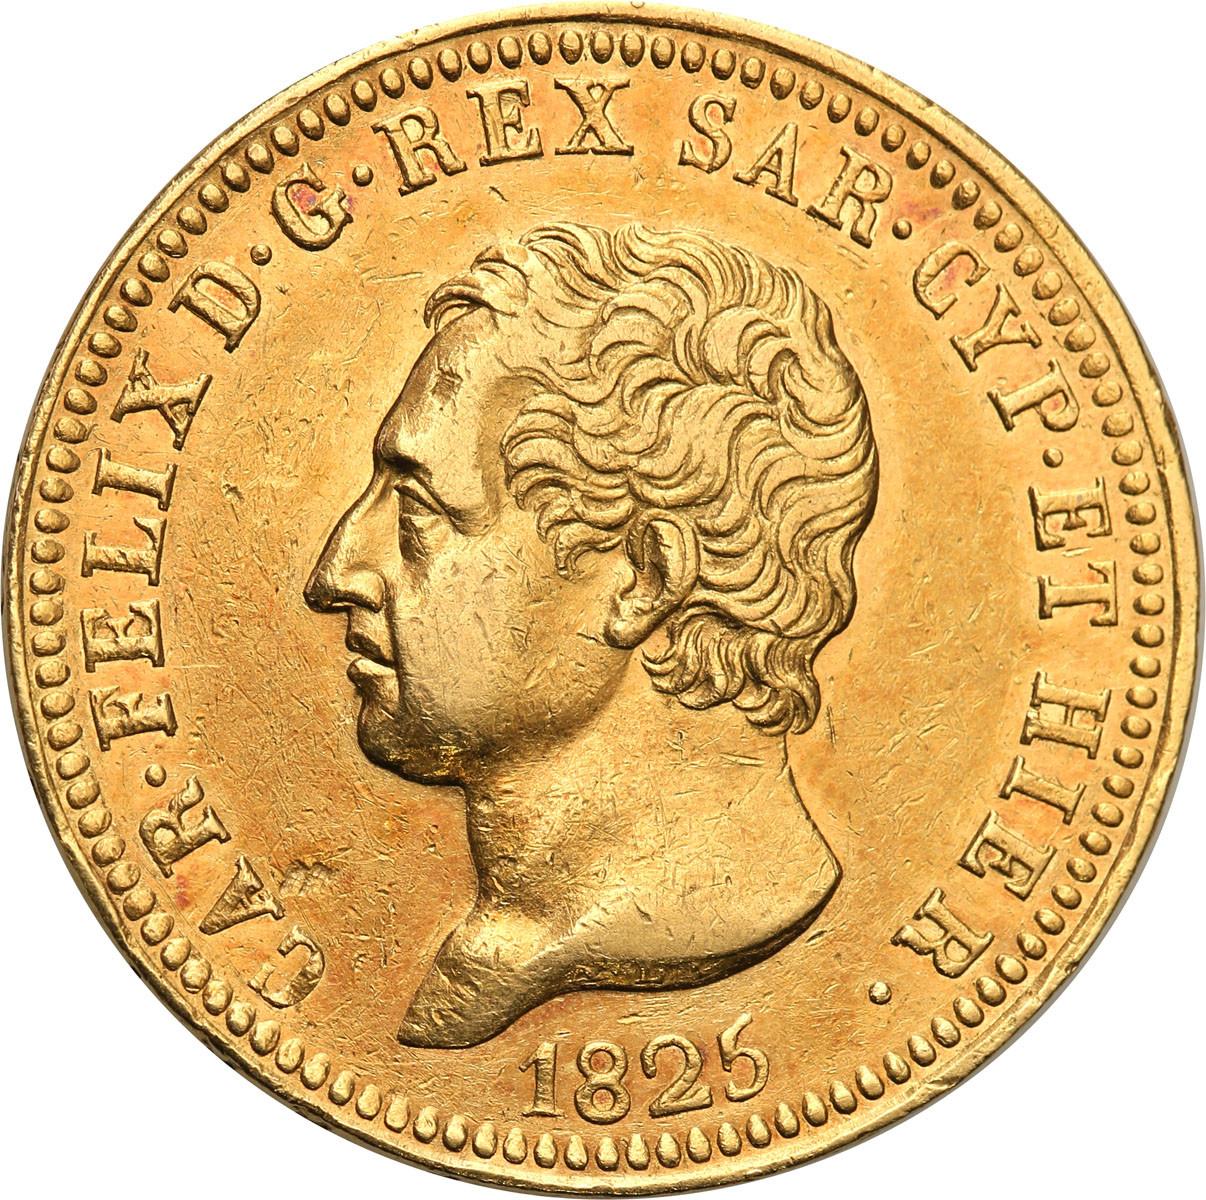 Włochy Sardynia 40 Lire 1825 głowa orła st.2+